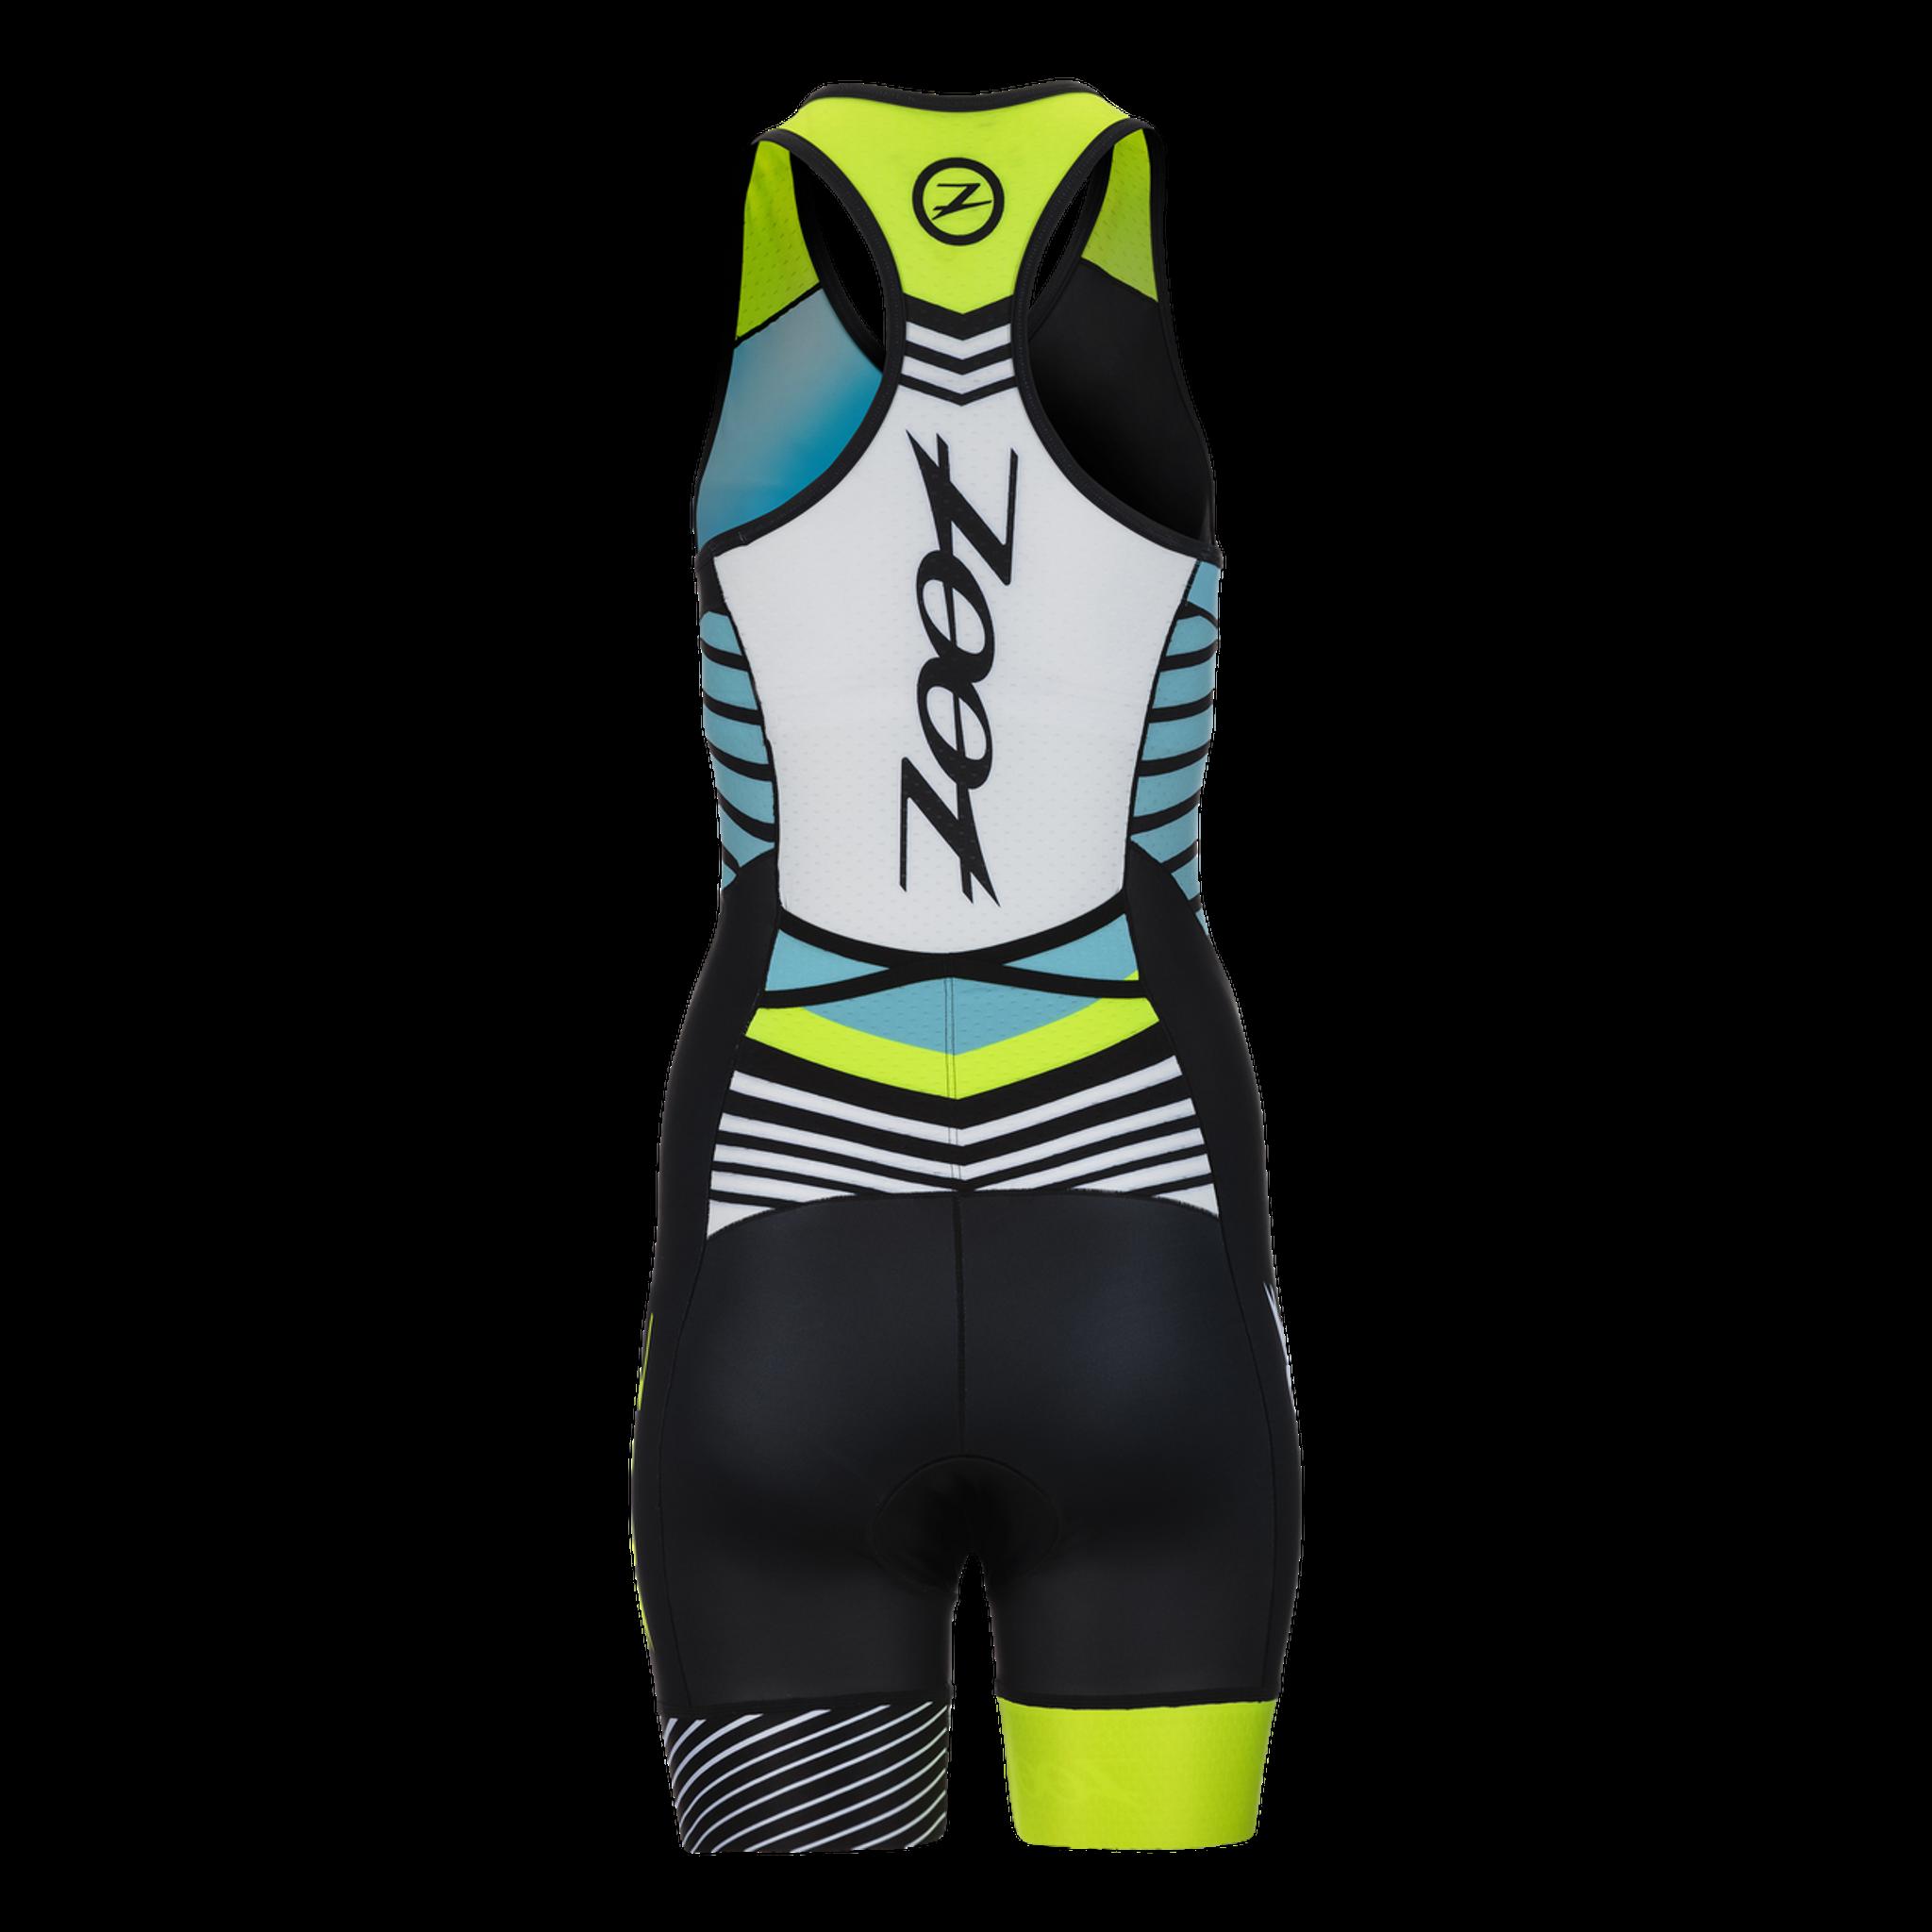 56e0d7c5b1dfc Zoot - Women s LTD Tri Racesuit